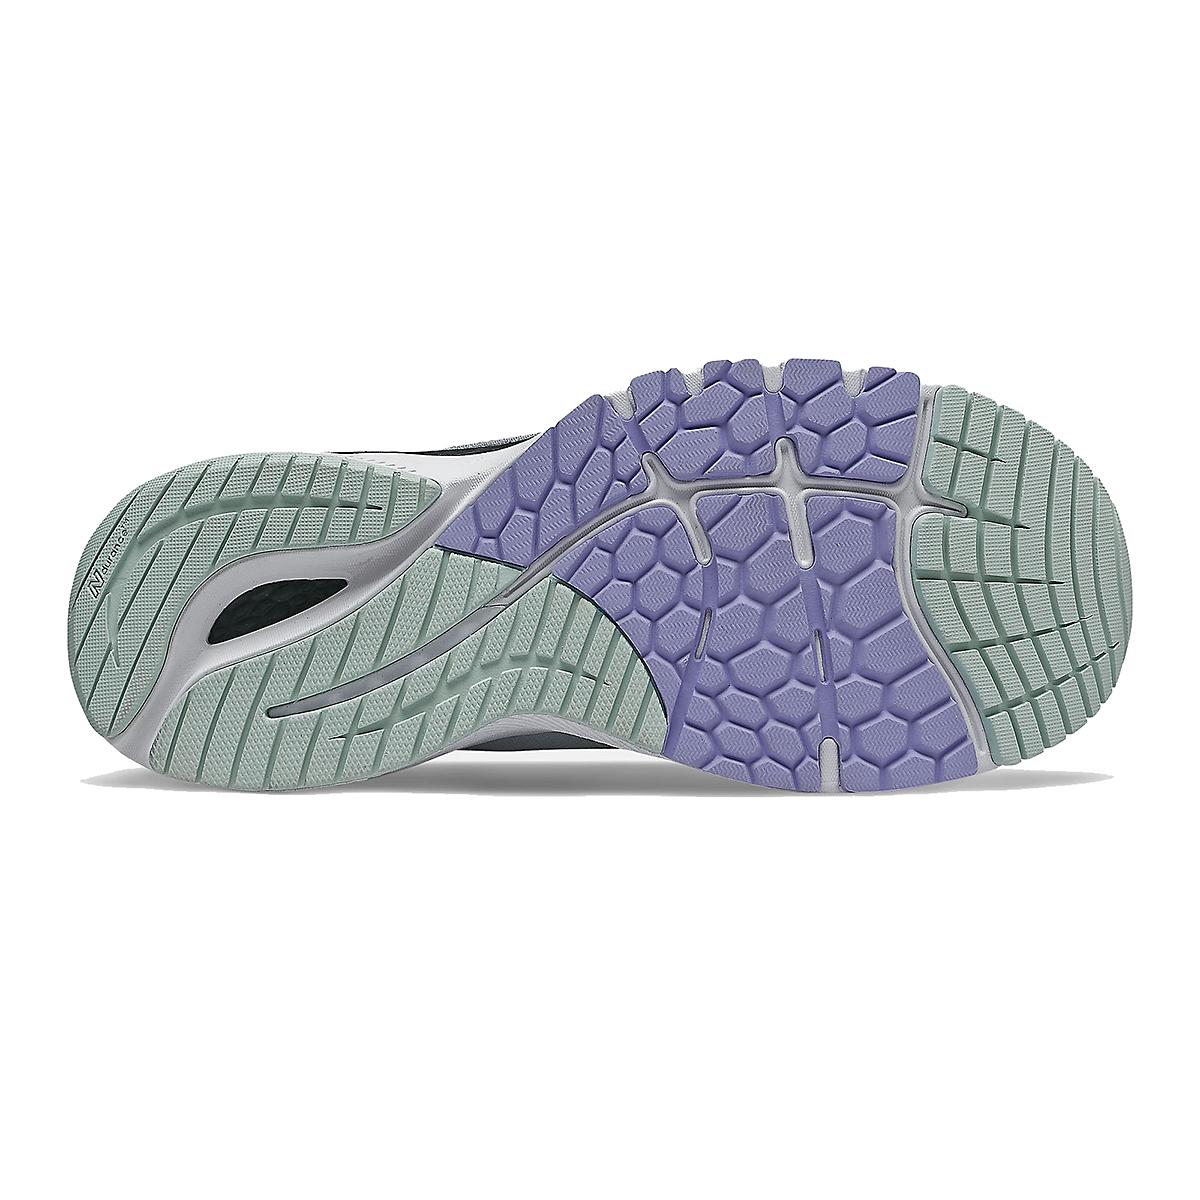 Women's New Balance Fresh Foam 860v11 Running Shoe - Color: Camden Fog - Size: 6 - Width: Regular, Camden Fog, large, image 3